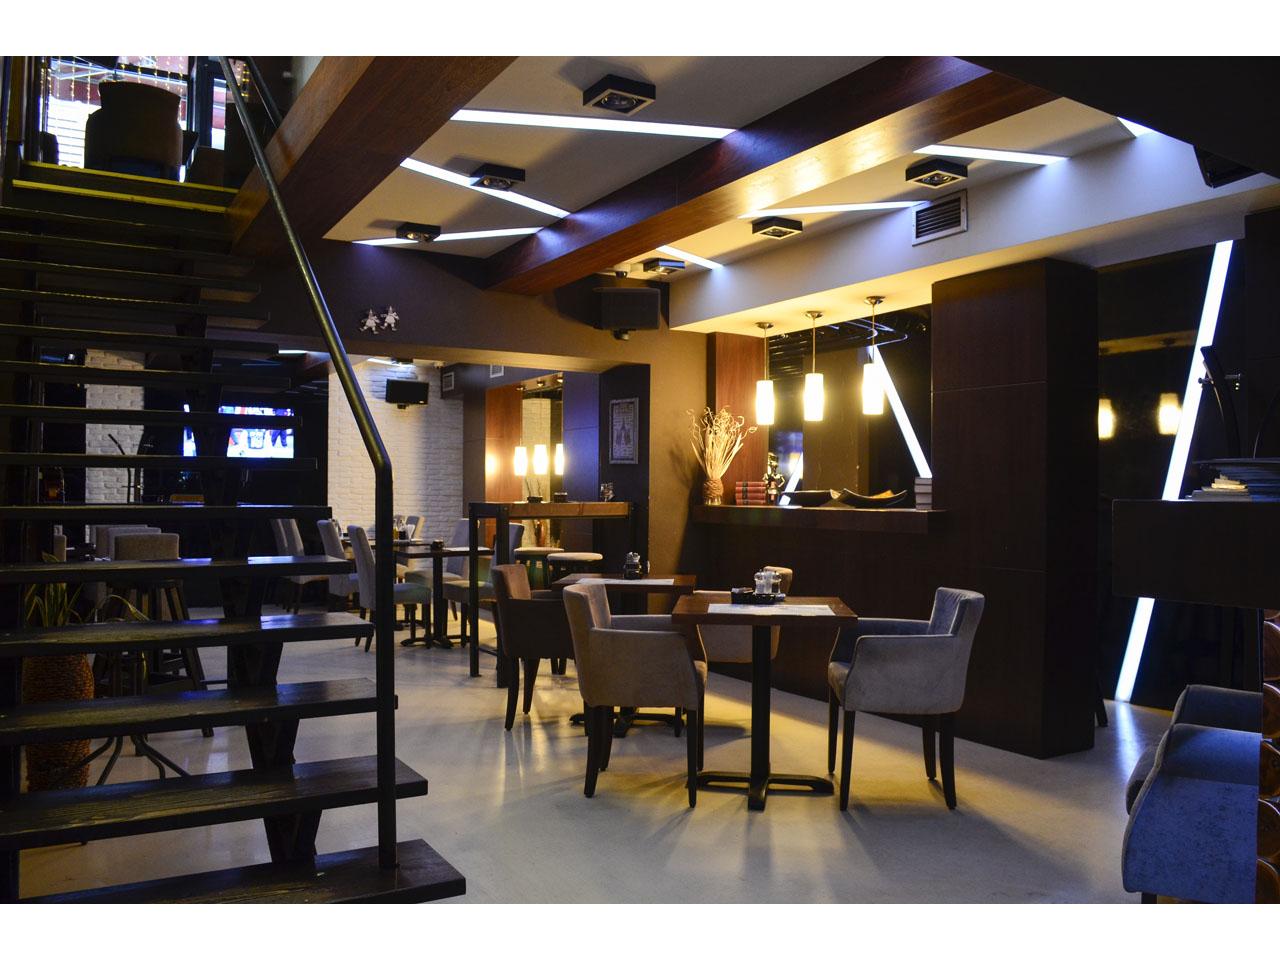 Restaurant Le Garage : Le garage picture of restaurant le garage deauville tripadvisor